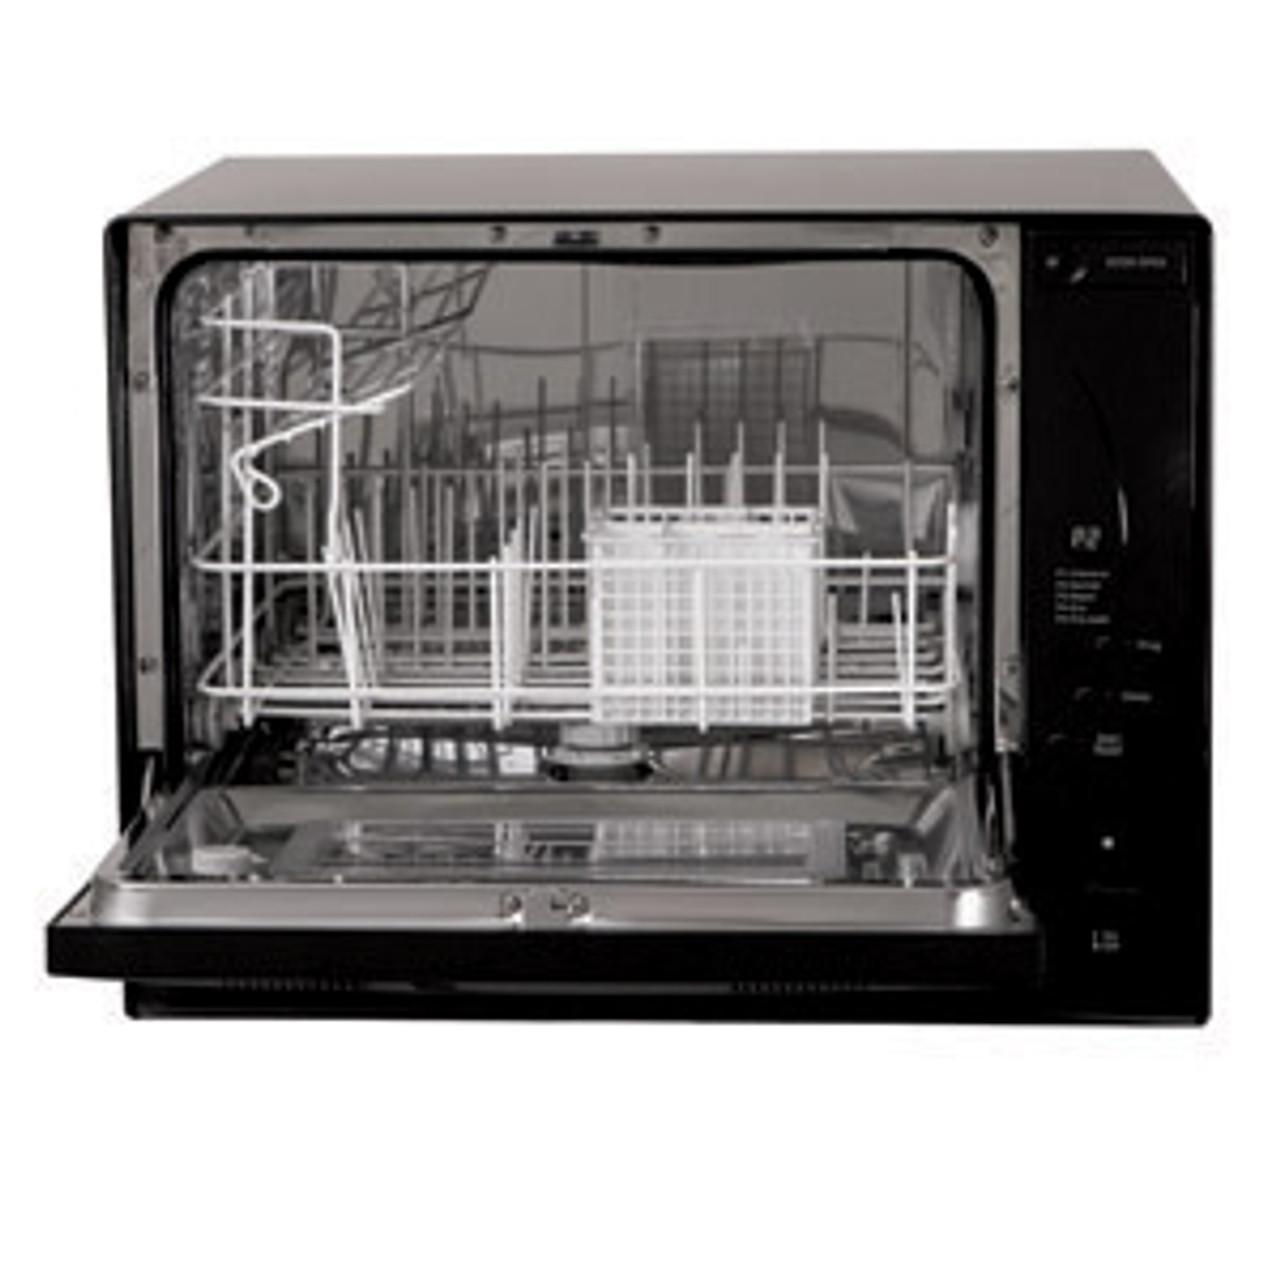 Rv Kitchen Supplies: RV Housekeeping & Decor